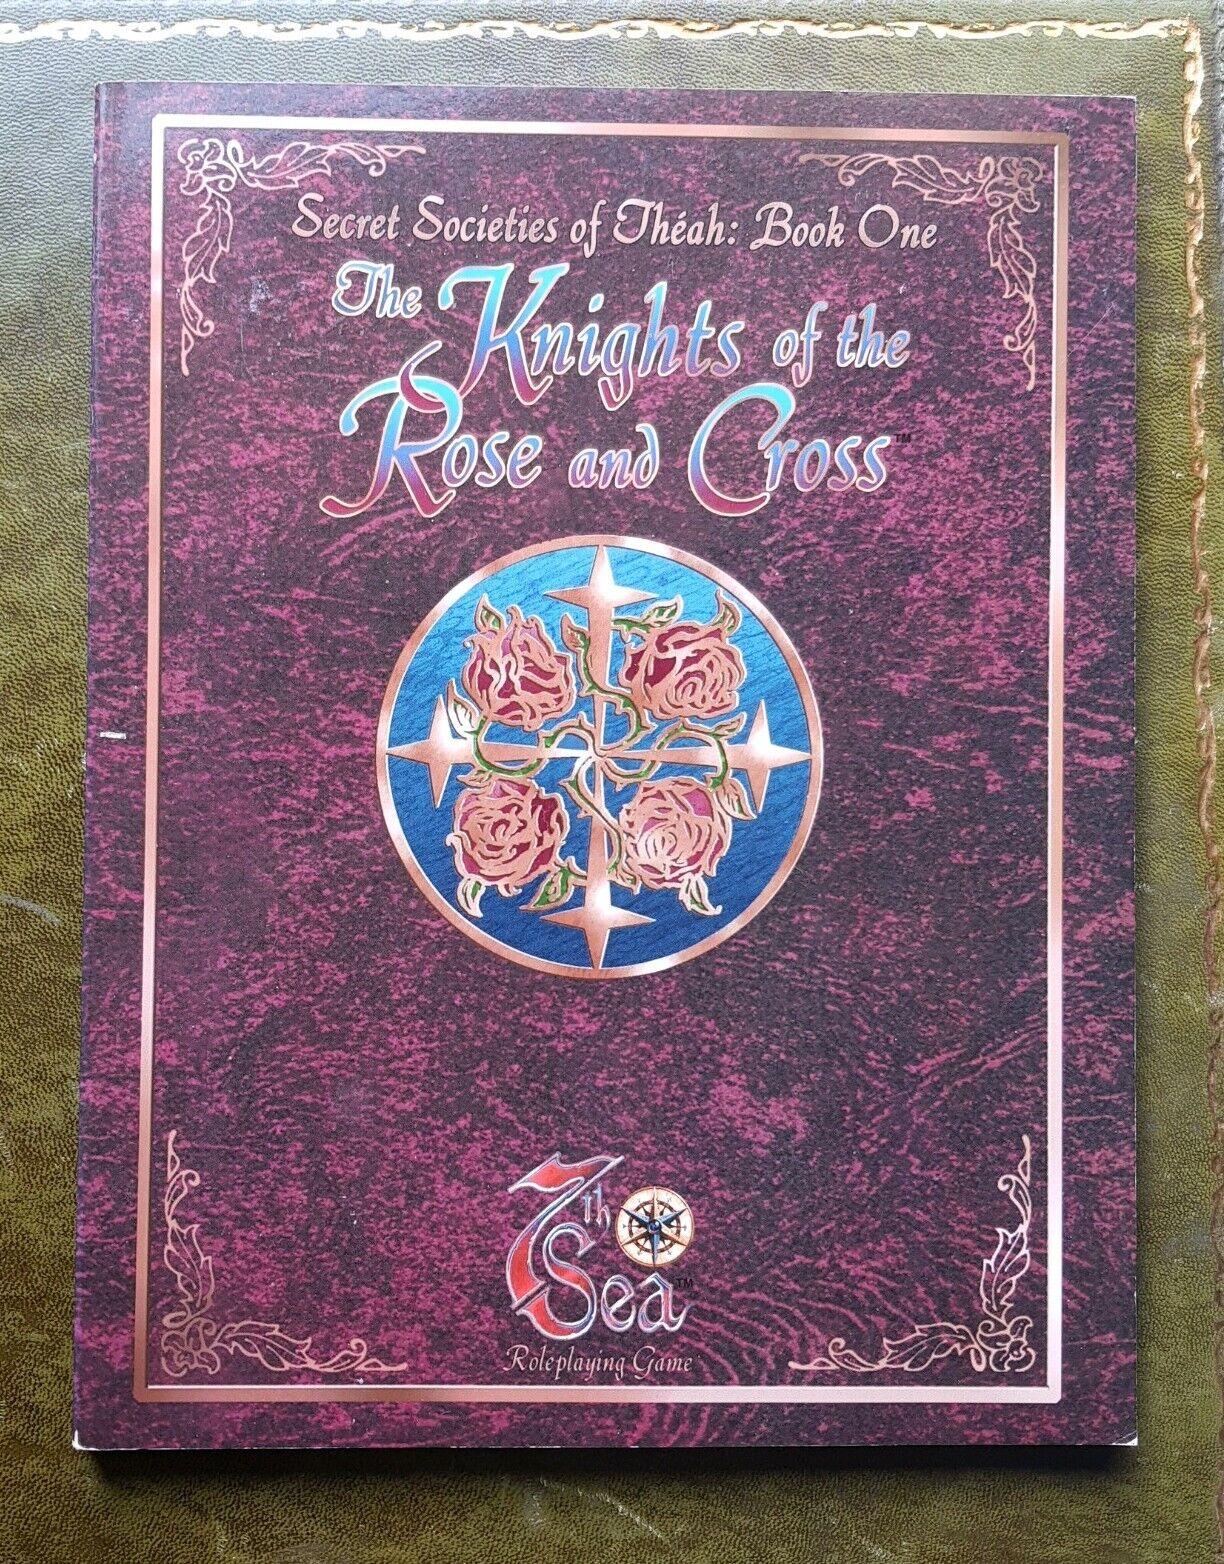 I Cavalieri della Croce rosado e società segrete di theah LIBRO UNO 7TH SEA RPG